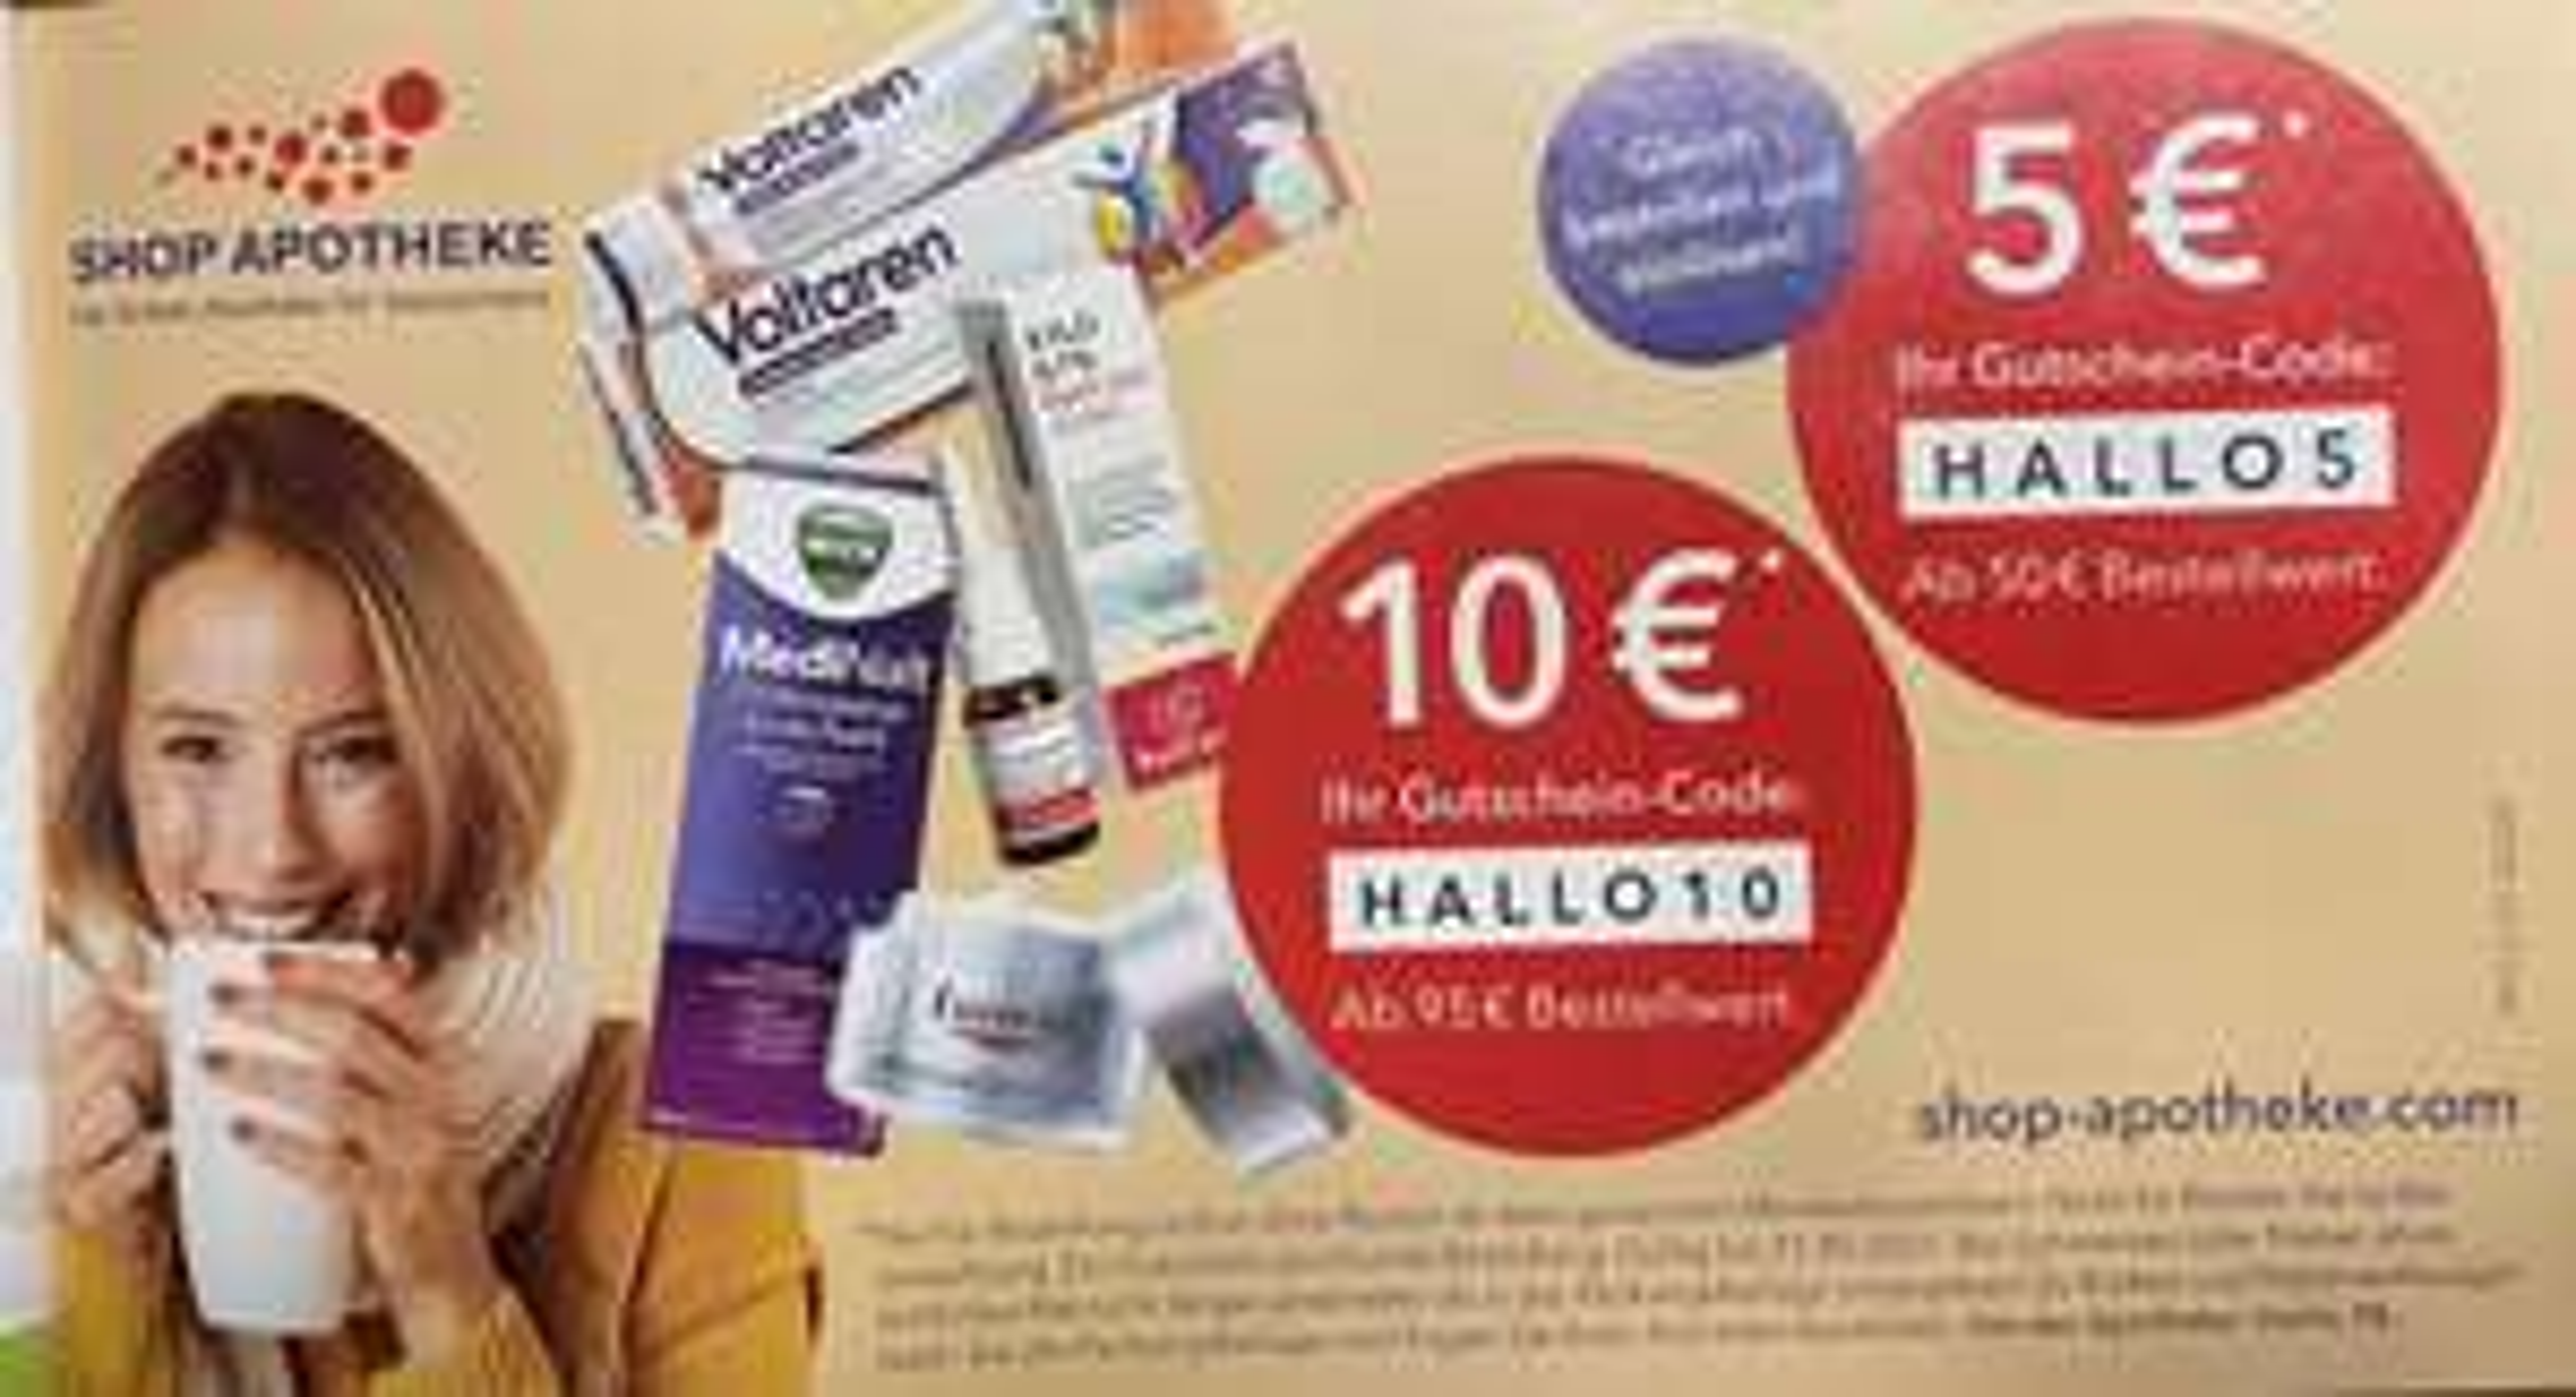 Shop Apotheke 5€/10€ Rabatt ab MBW 50€/95€